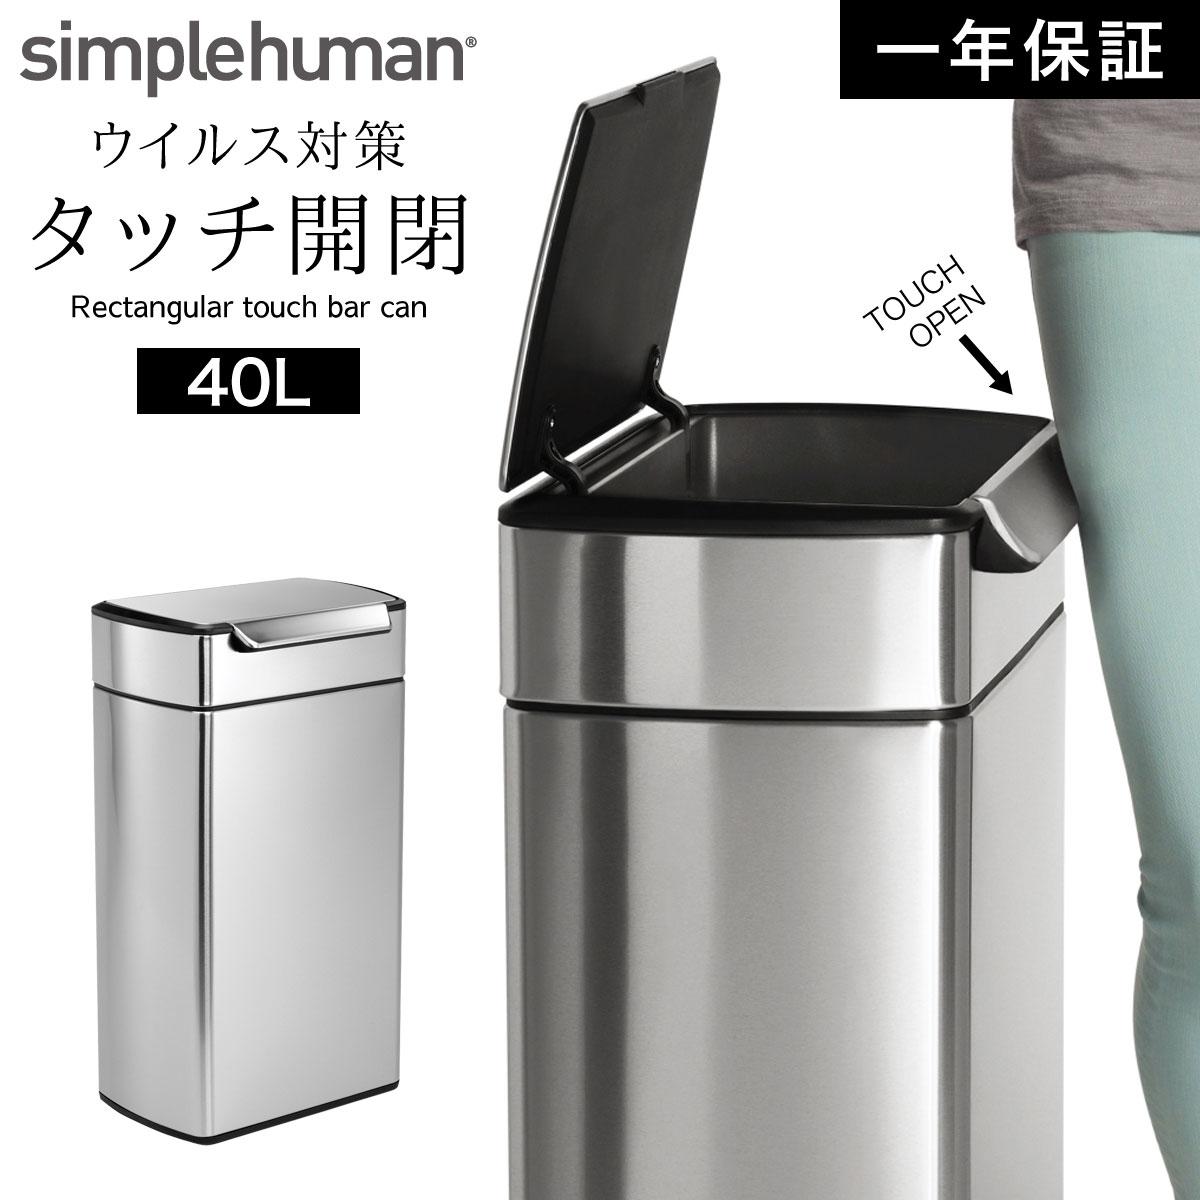 simplehuman ゴミ箱 ごみ箱 ふた付き おしゃれ ステンレス 40l シンプルヒューマン レクタンギュラータッチバーカン 40L 00129 メーカー直送 返品不可